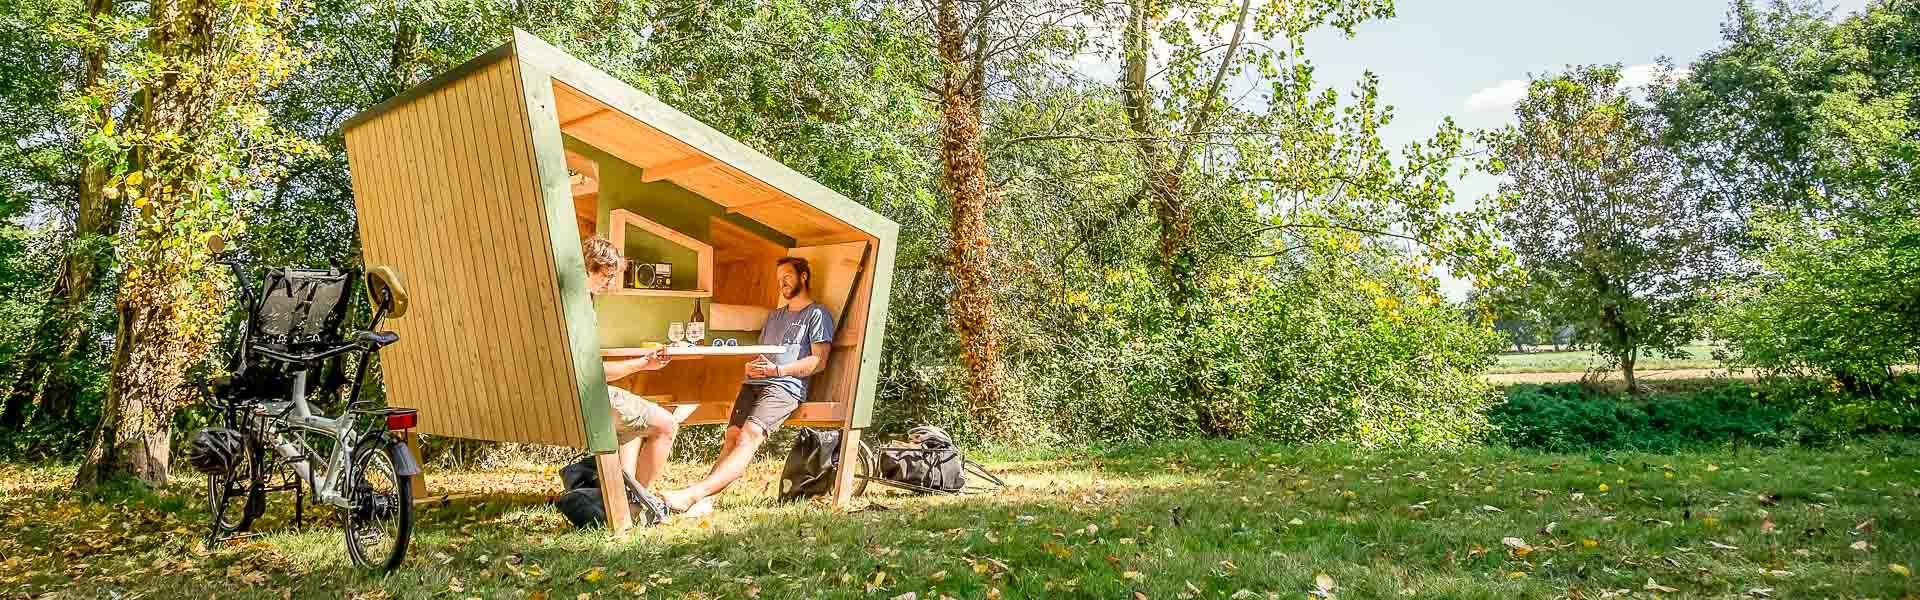 Quel Bois Pour Cabane De Jardin la cabanerie ⋆ structures bois sur mesure